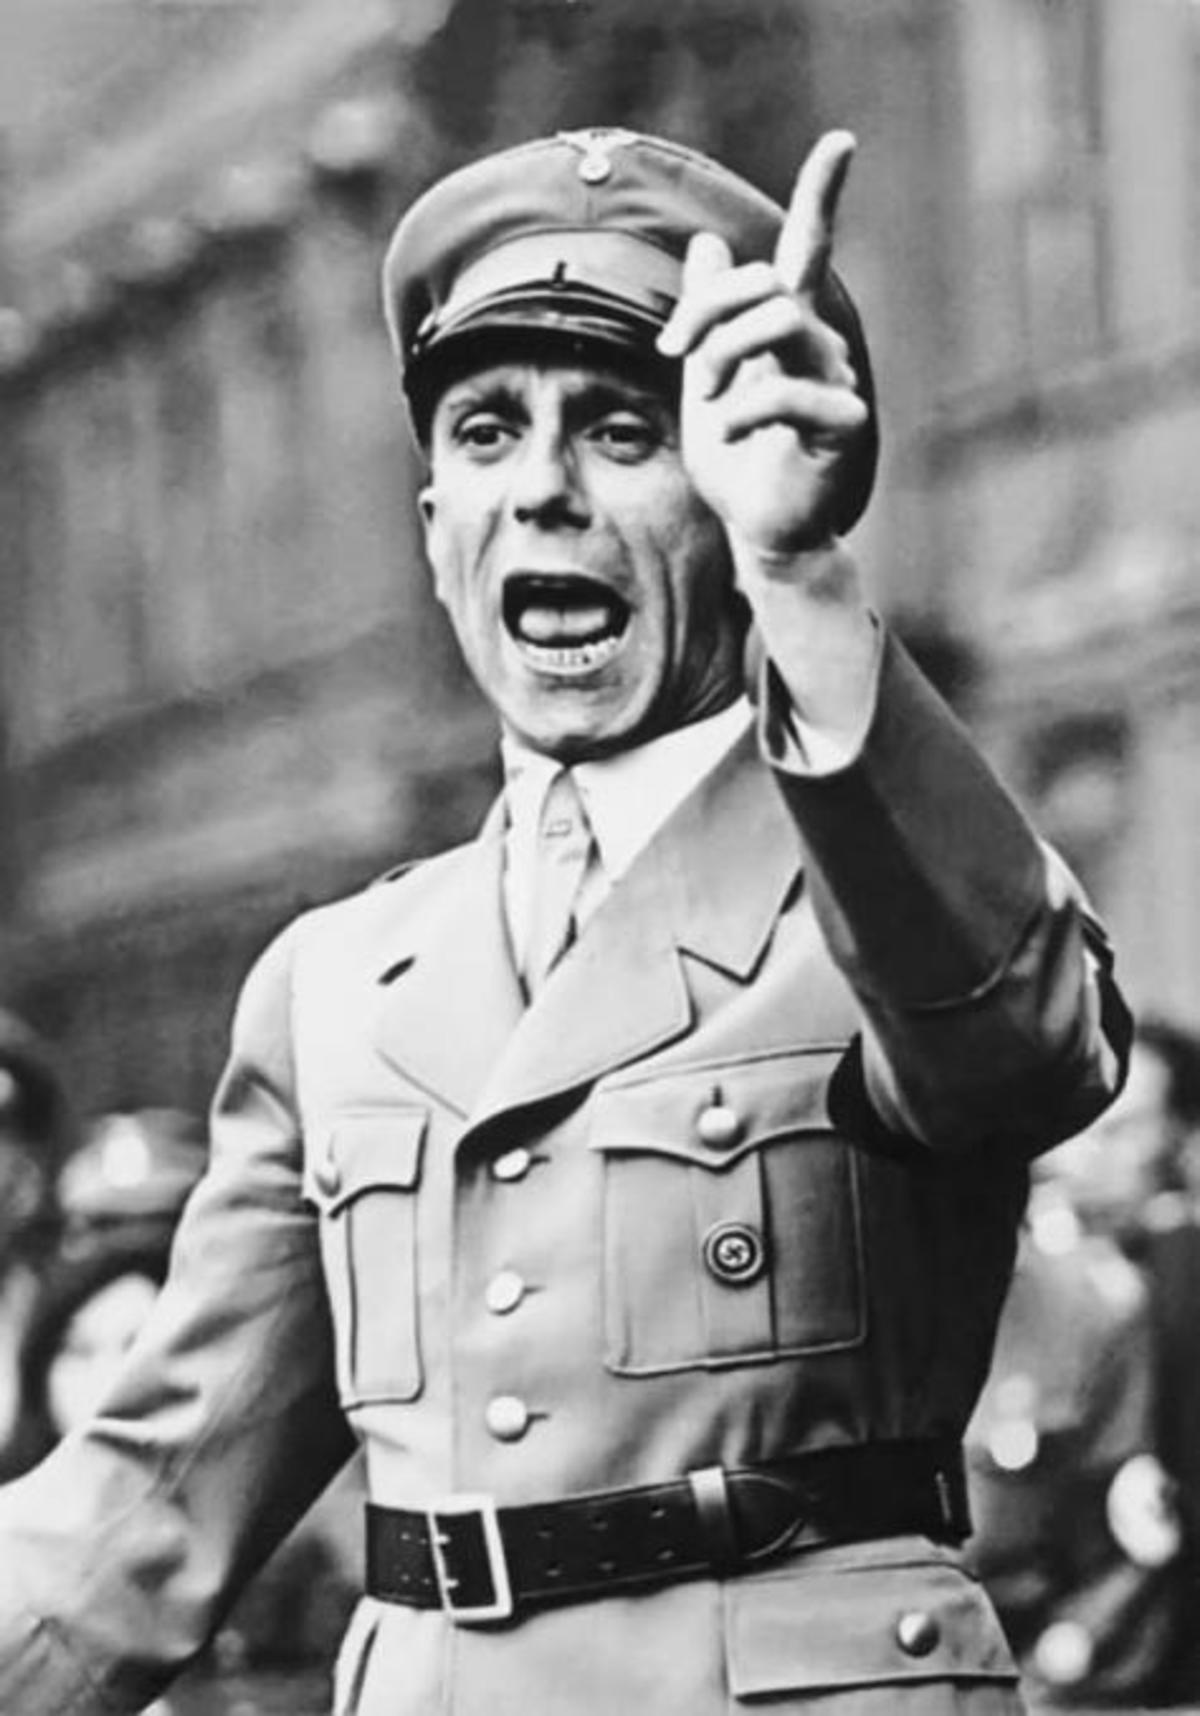 «Η ΕΕ δεν μπορεί να είναι το 4ο Ράϊχ» και η «δικαίωση» του Γκέμπελς.Ποιος πολιτικός τα είπε | Newsit.gr